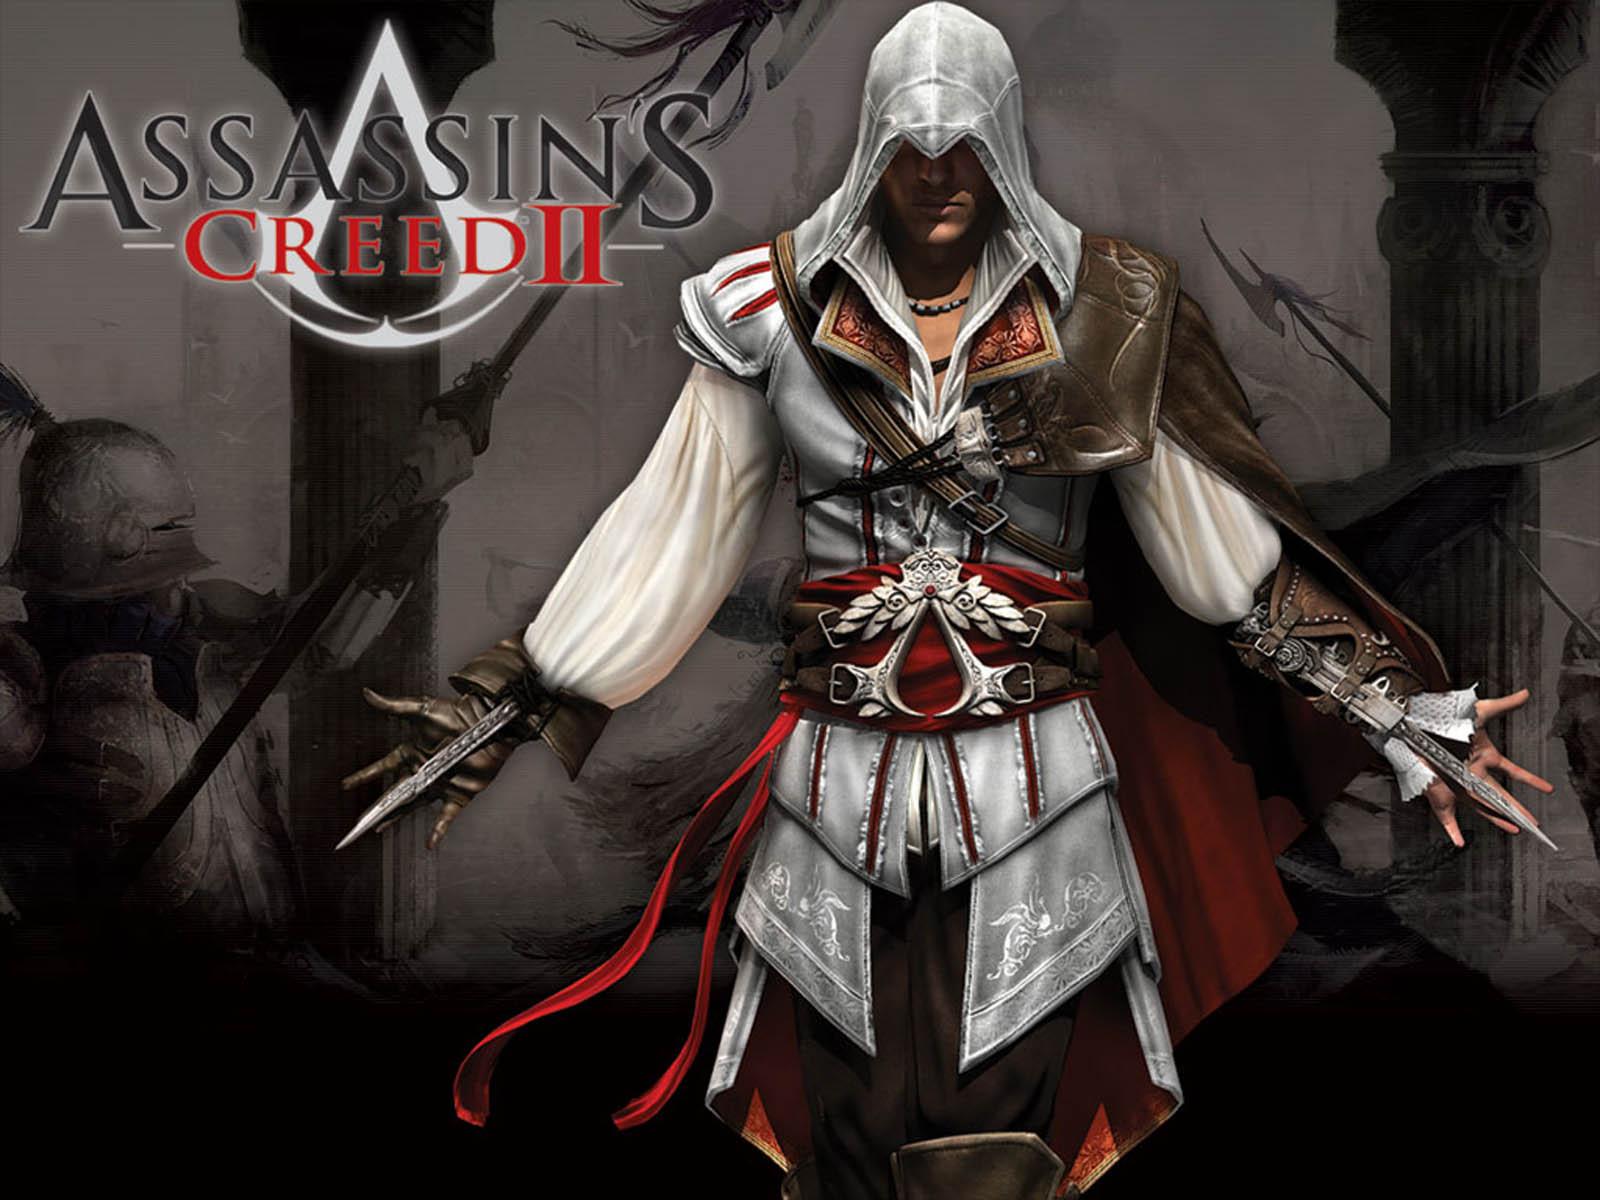 Beautiful   Wallpaper Horse Assassin'S Creed - Assassin%2527s+Creed+2+Game+Wallpapers+01  Snapshot_238291.jpg